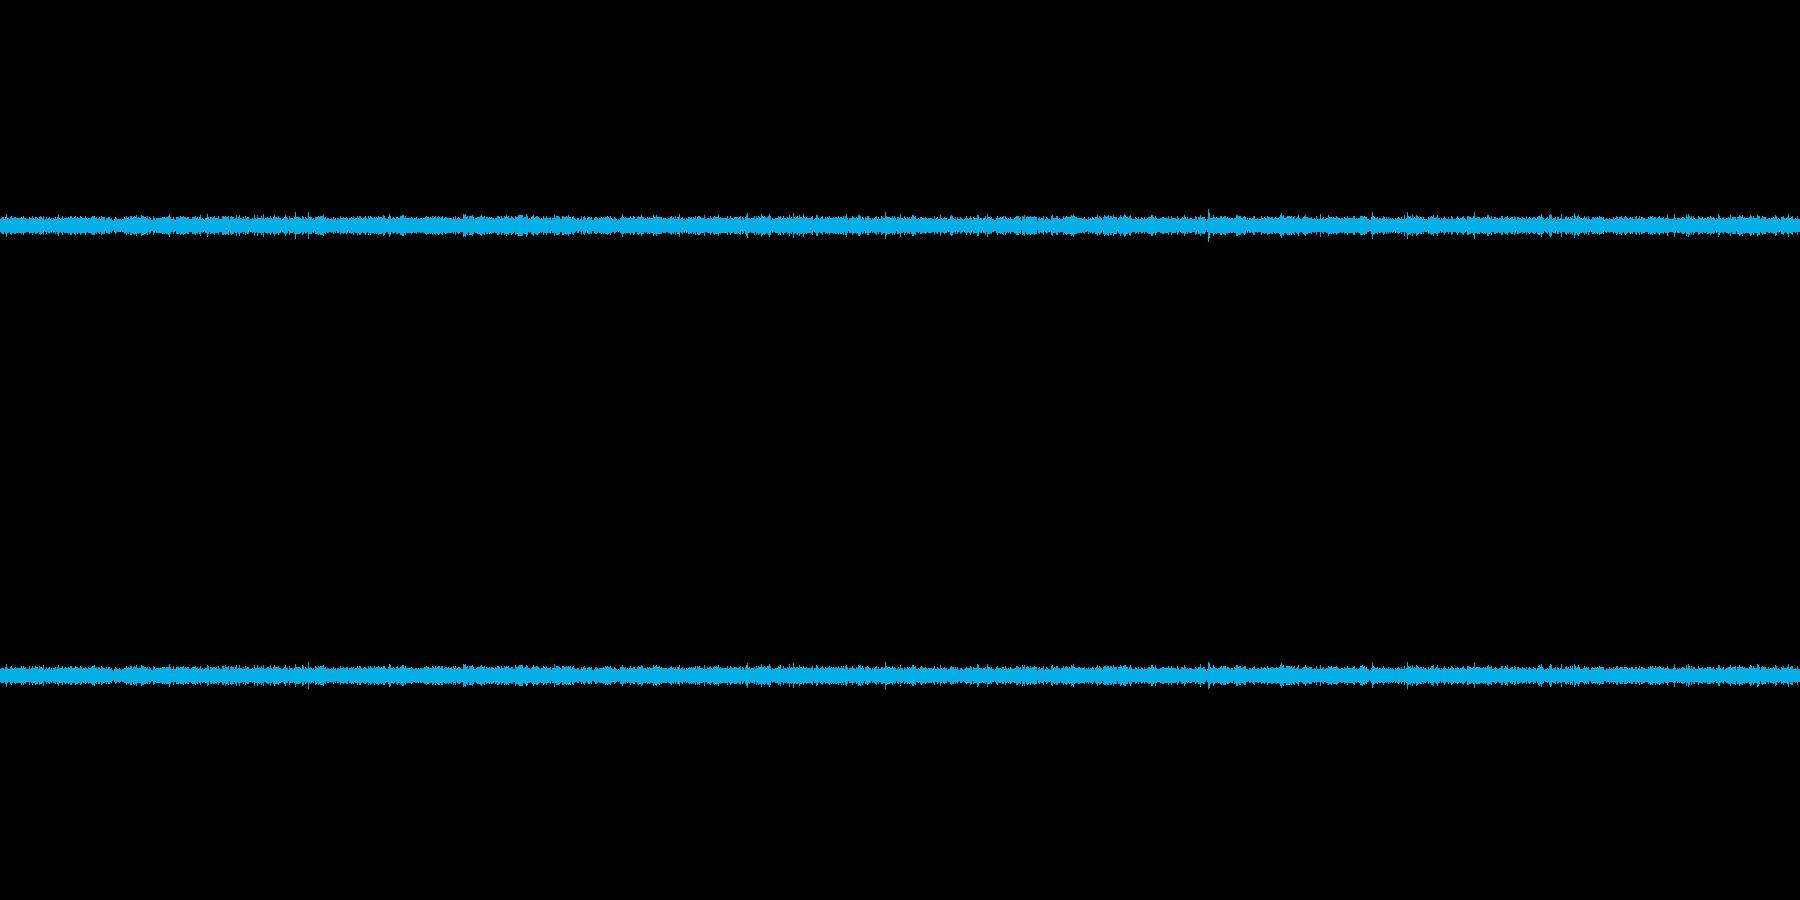 水道の水の音の再生済みの波形